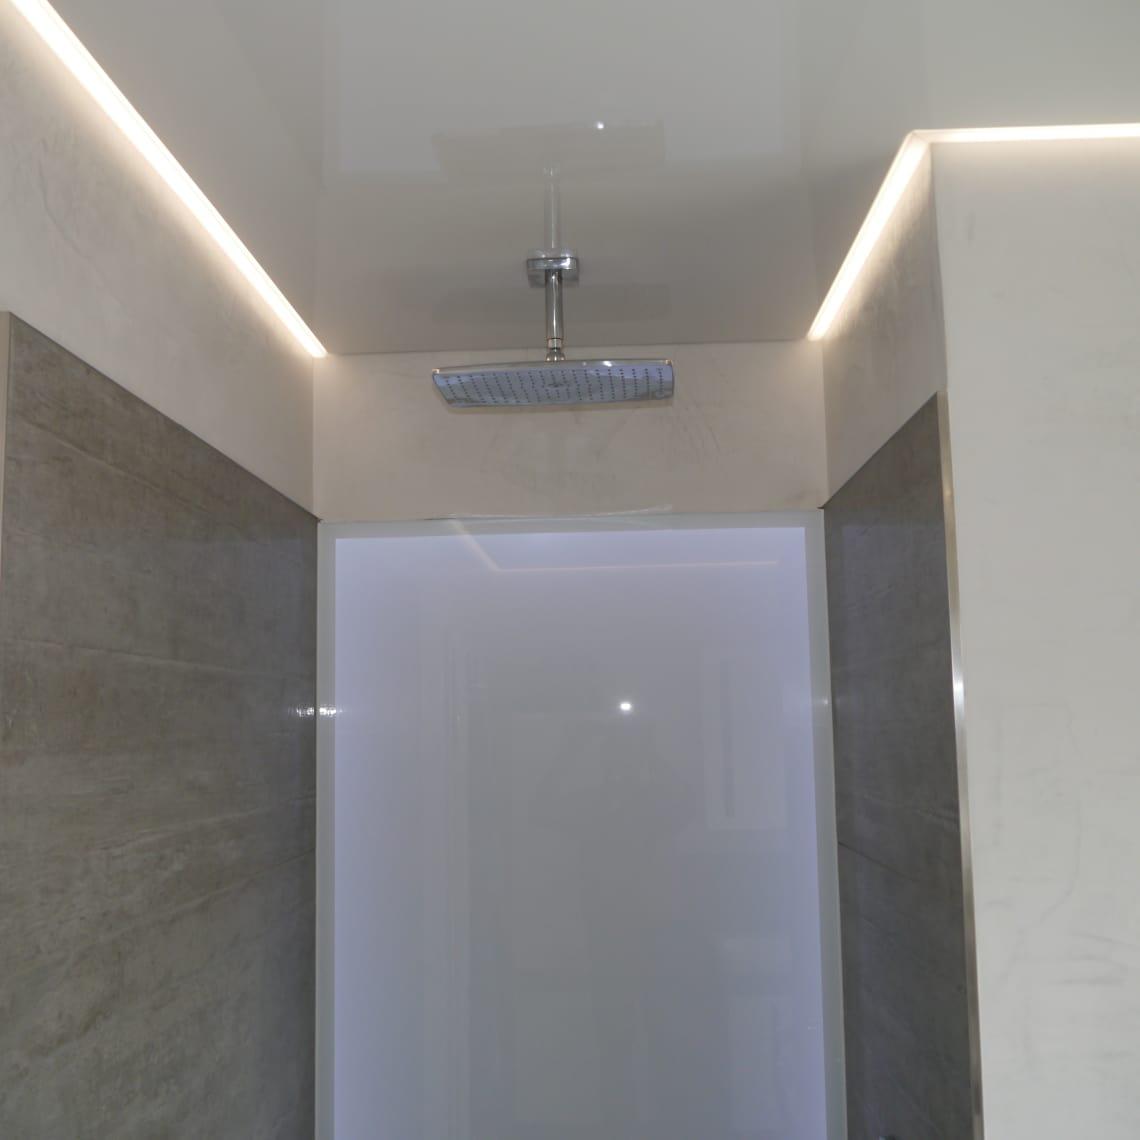 Spanndecke über Dusche